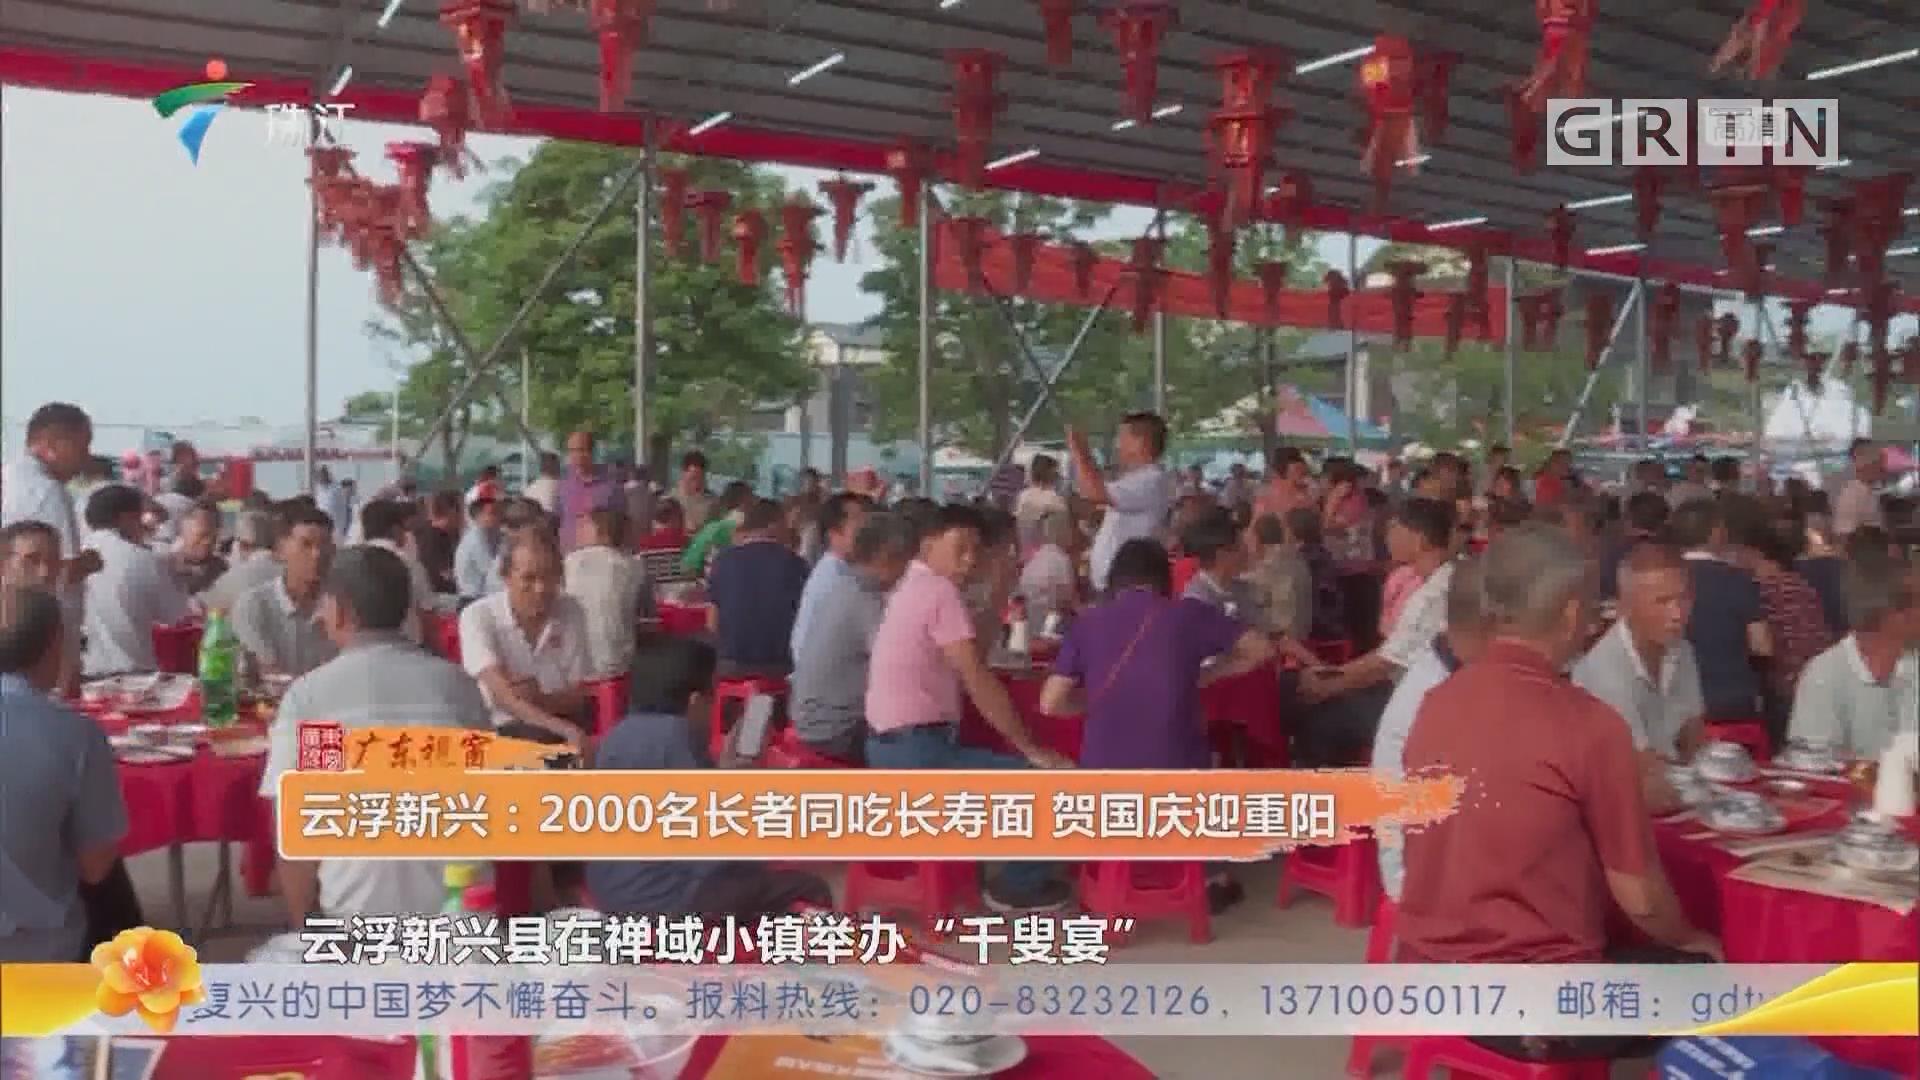 云浮新兴:2000名长者同吃长寿面 贺国庆迎重阳